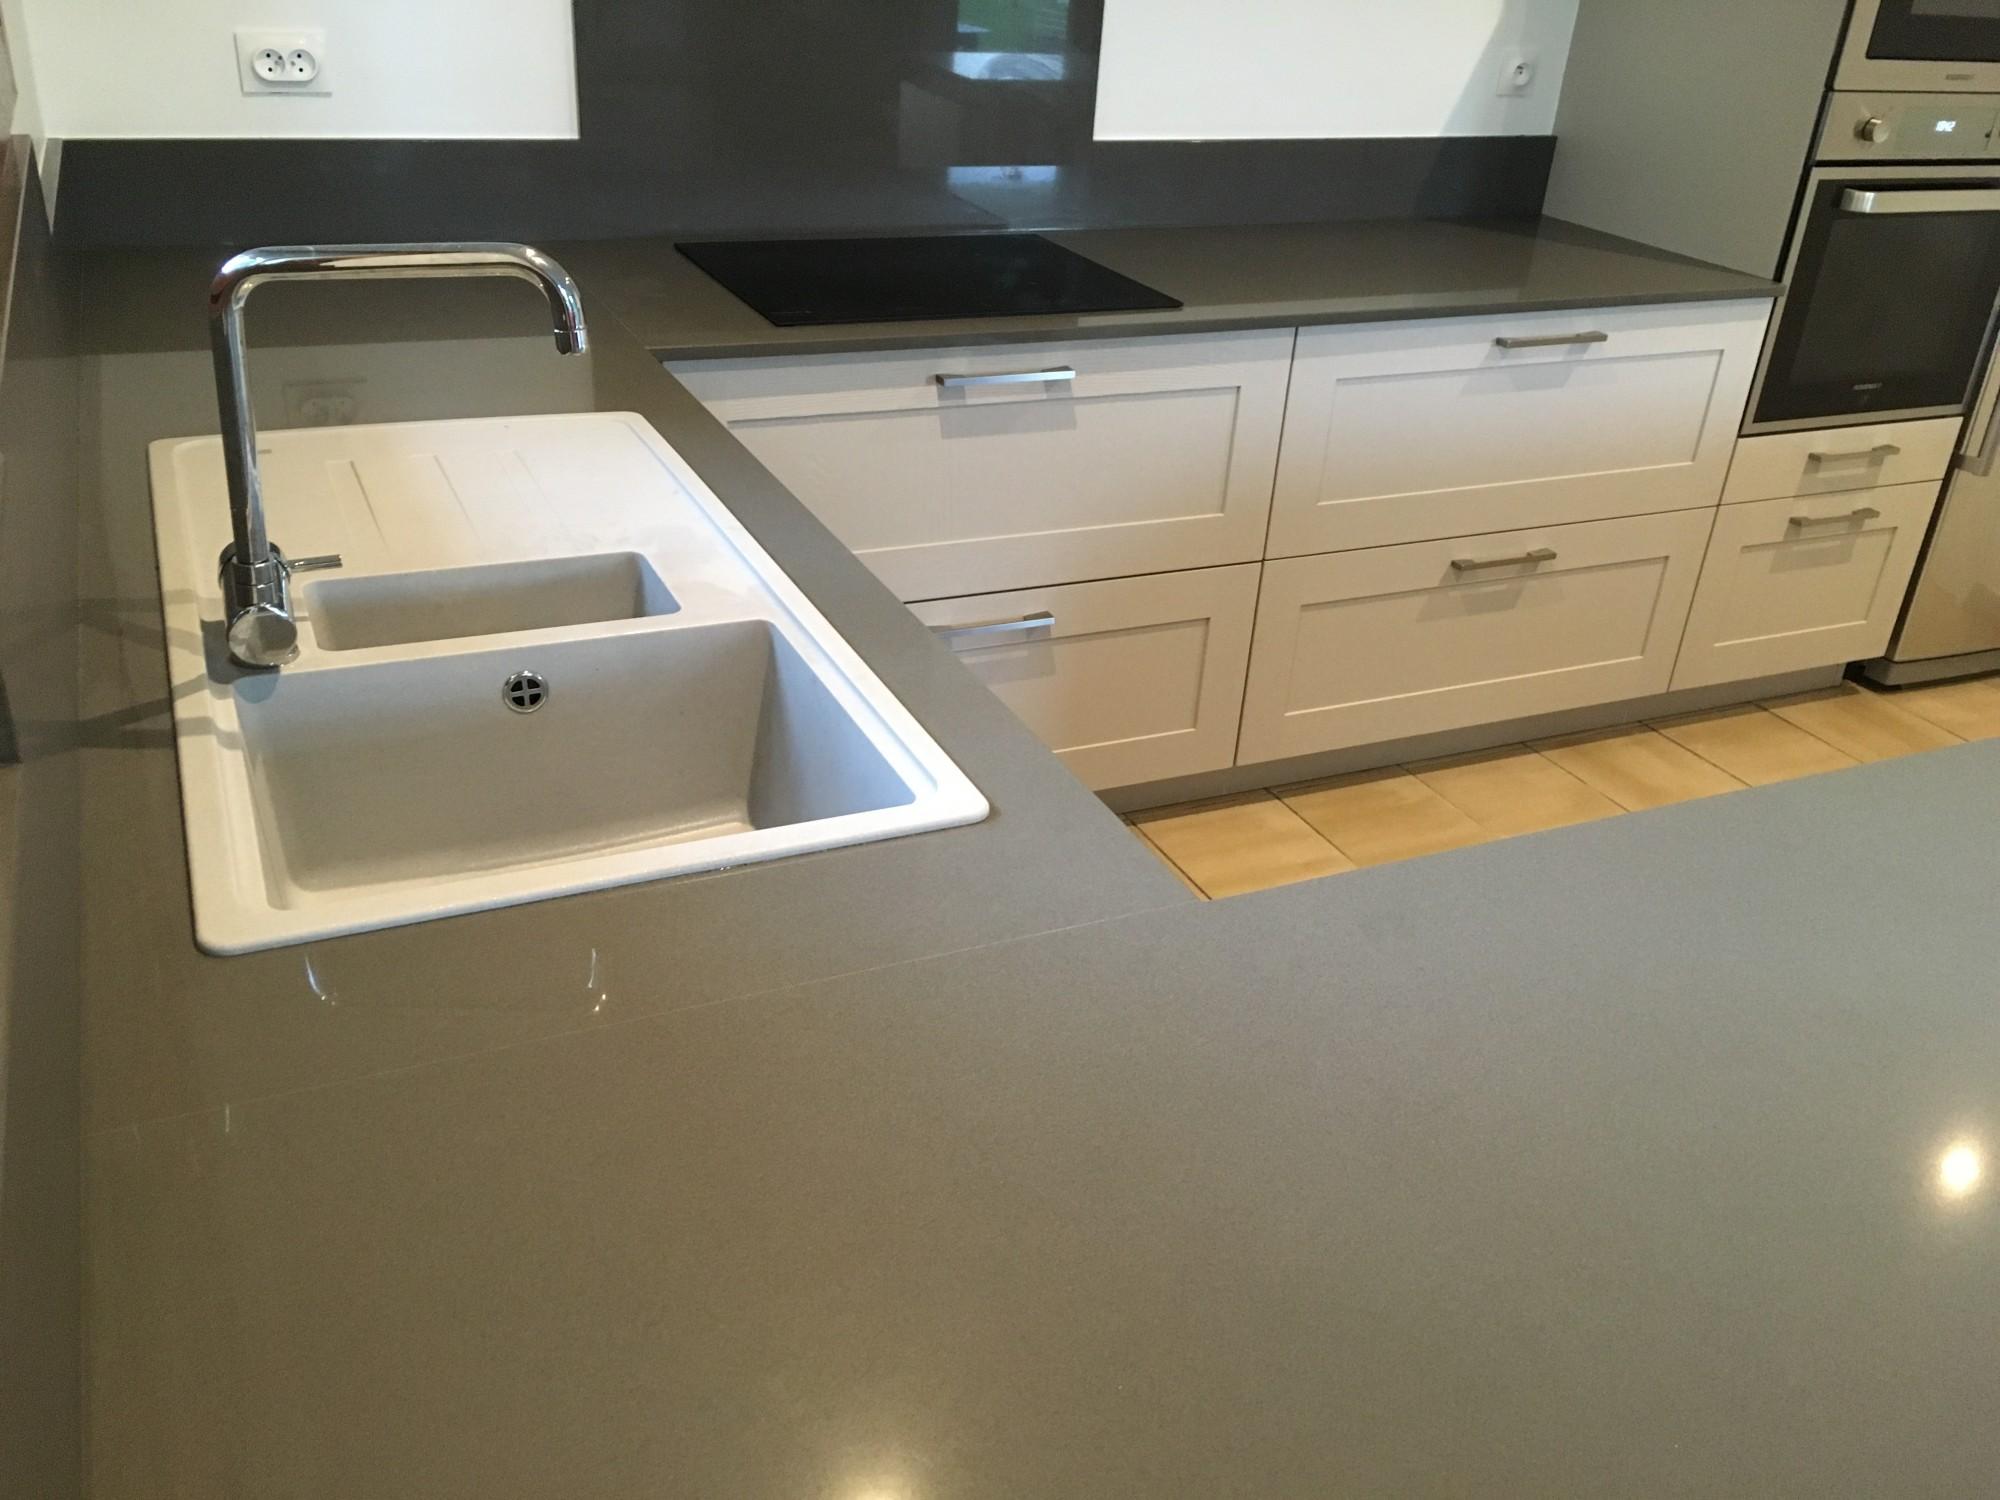 Plan de travail quartz gris finest cuisine quipe design - Prix plan de travail quartz schmidt ...